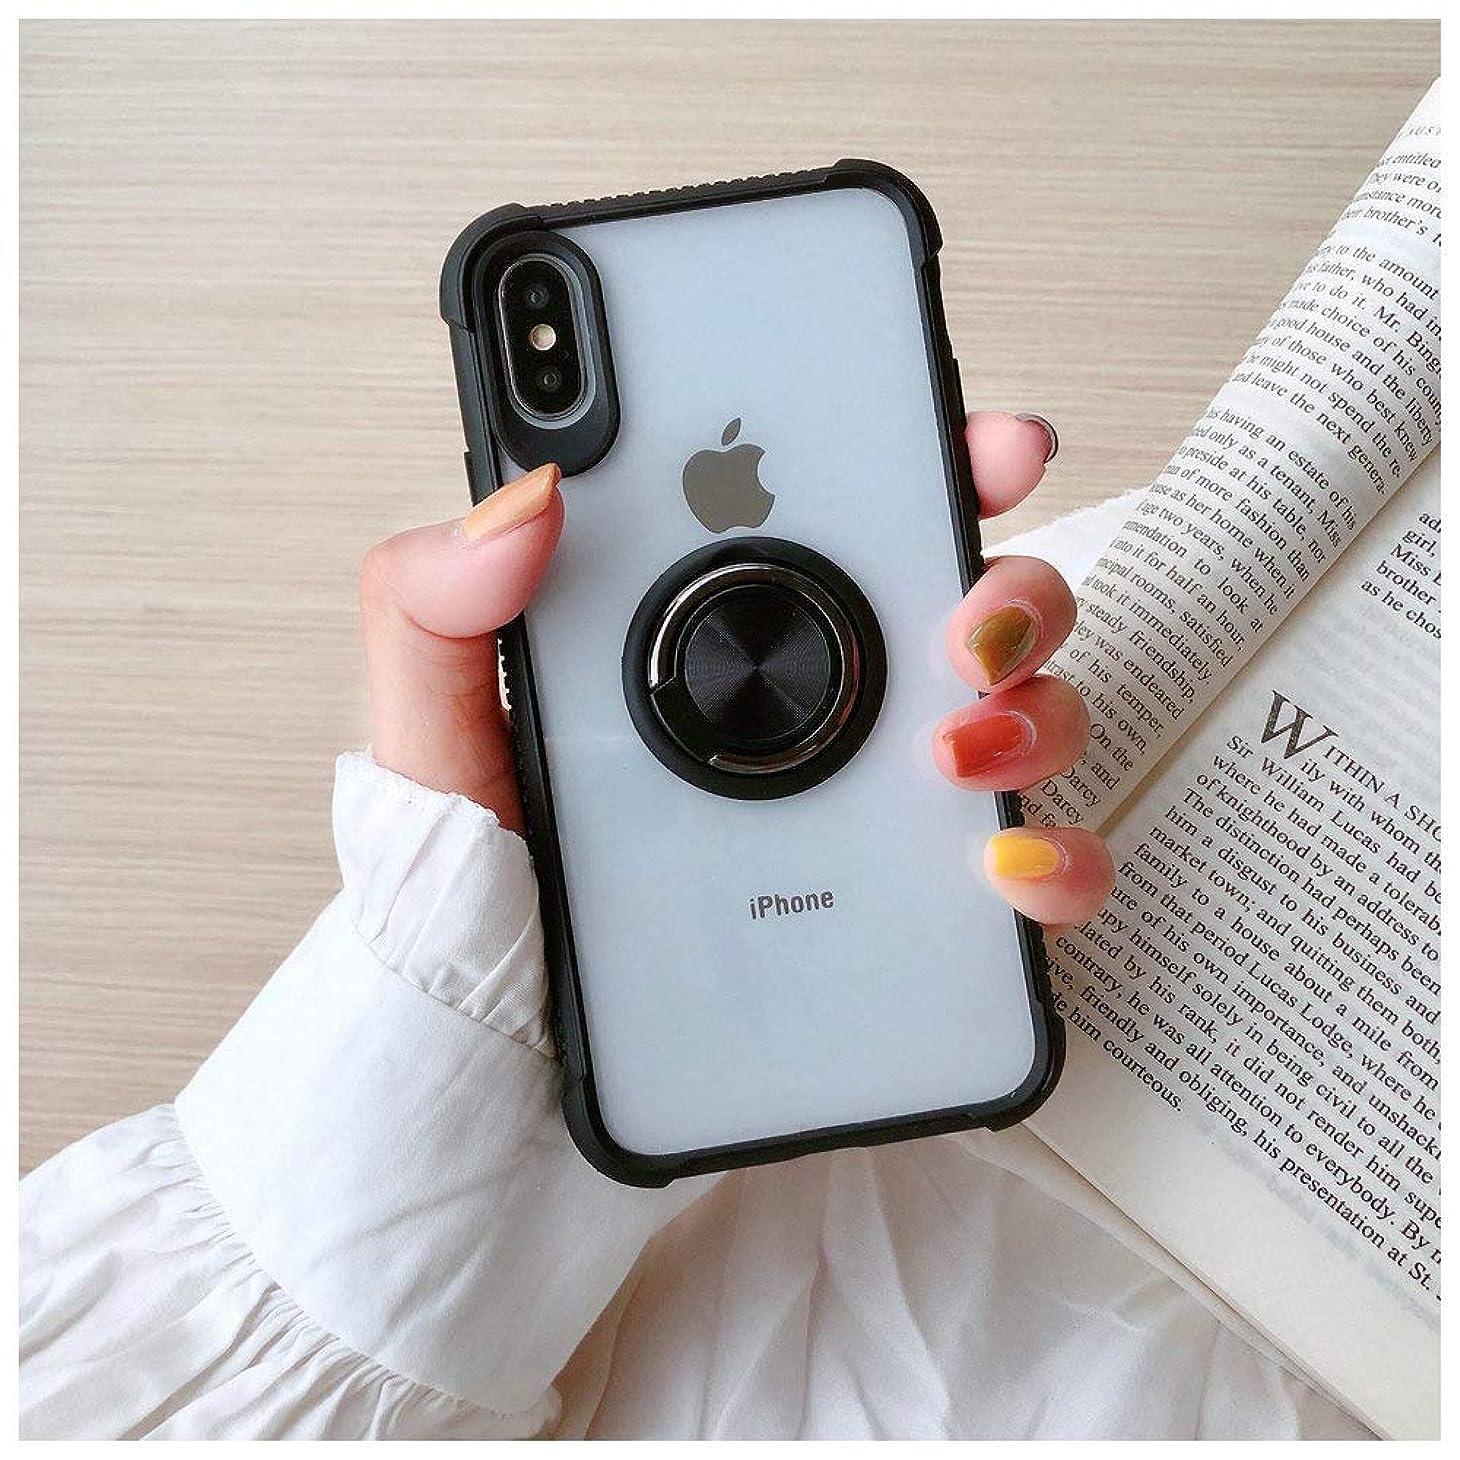 無知おかしいラビリンスiPhone ケース レディース メンズ 携帯ケース 透明 リングスタンド付き 携帯スタンド iPhone7/8/7Plus/8Plus,iPhone X/XR,iPhoneXS/XS MAX (iPhone XR ケース)